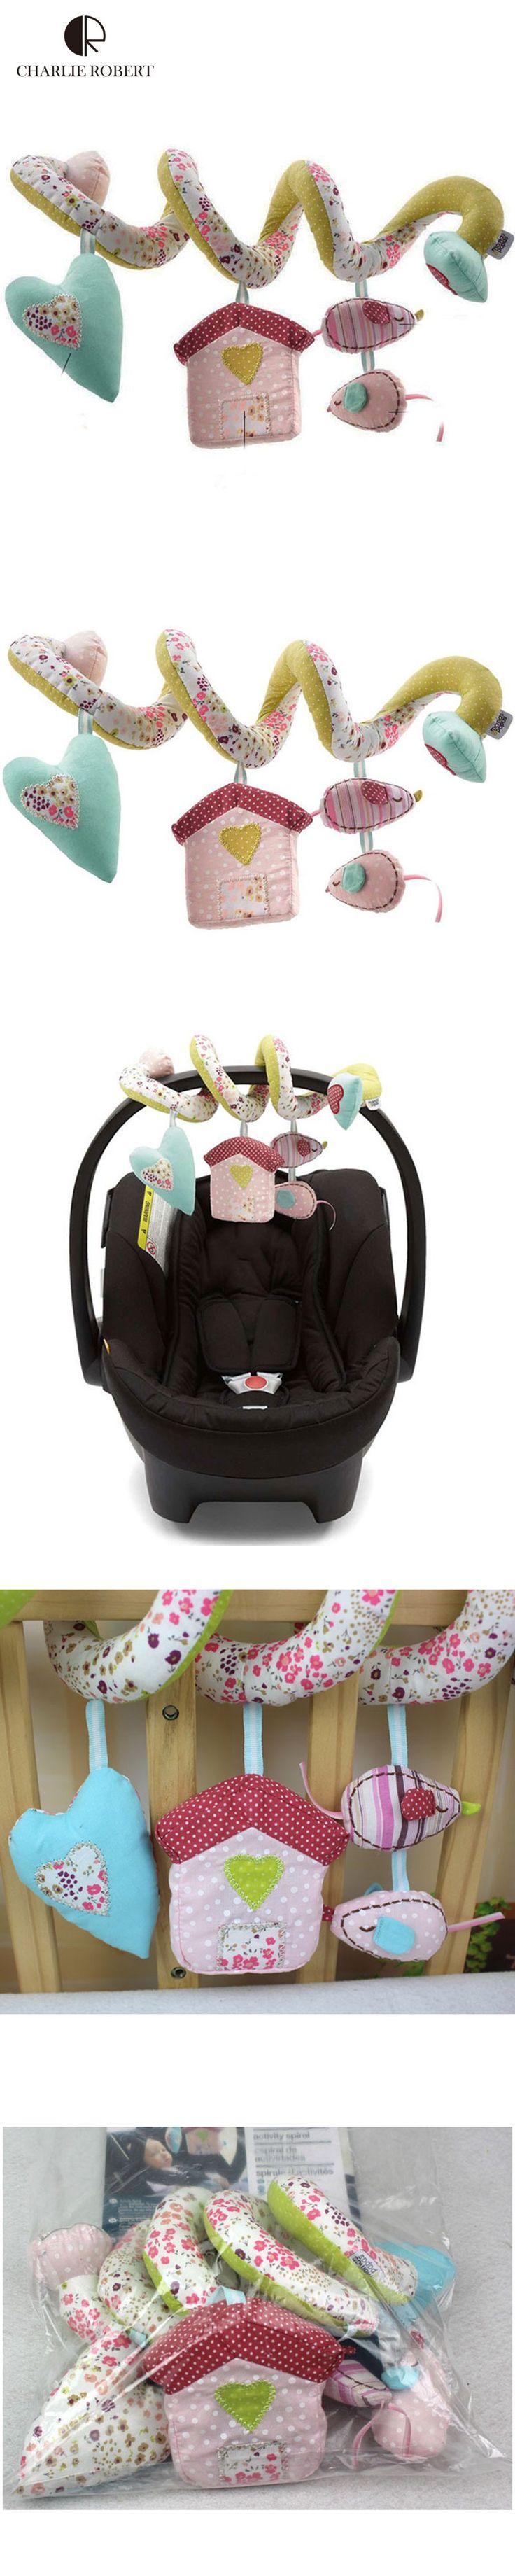 Best 20 Newborn cot beds ideas on Pinterest